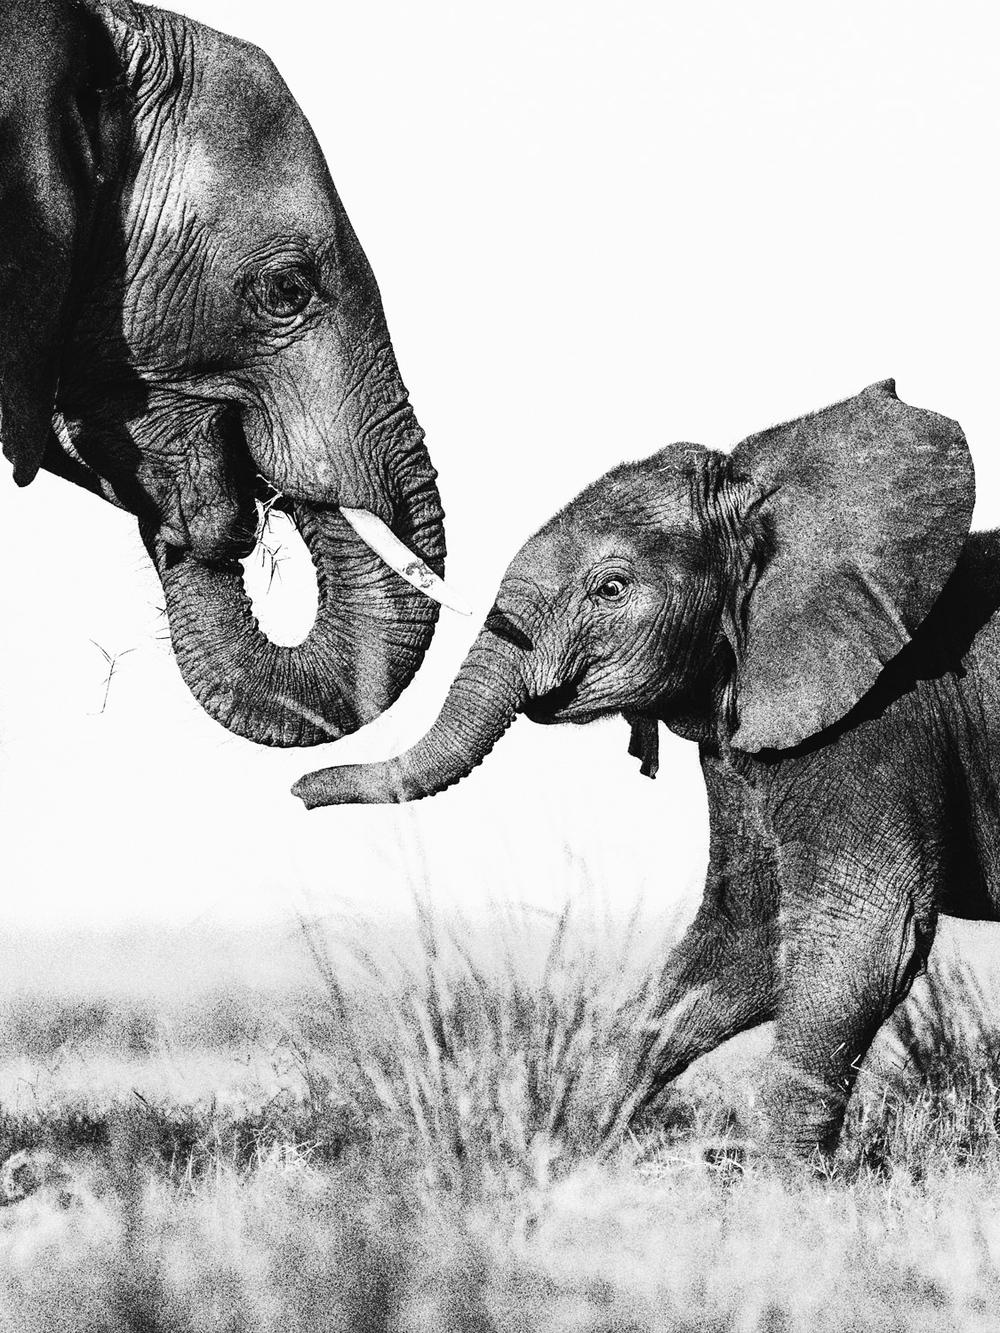 CallieGiovanna_Africa_Botswana_ChobeRiver_20150101_04295.jpg